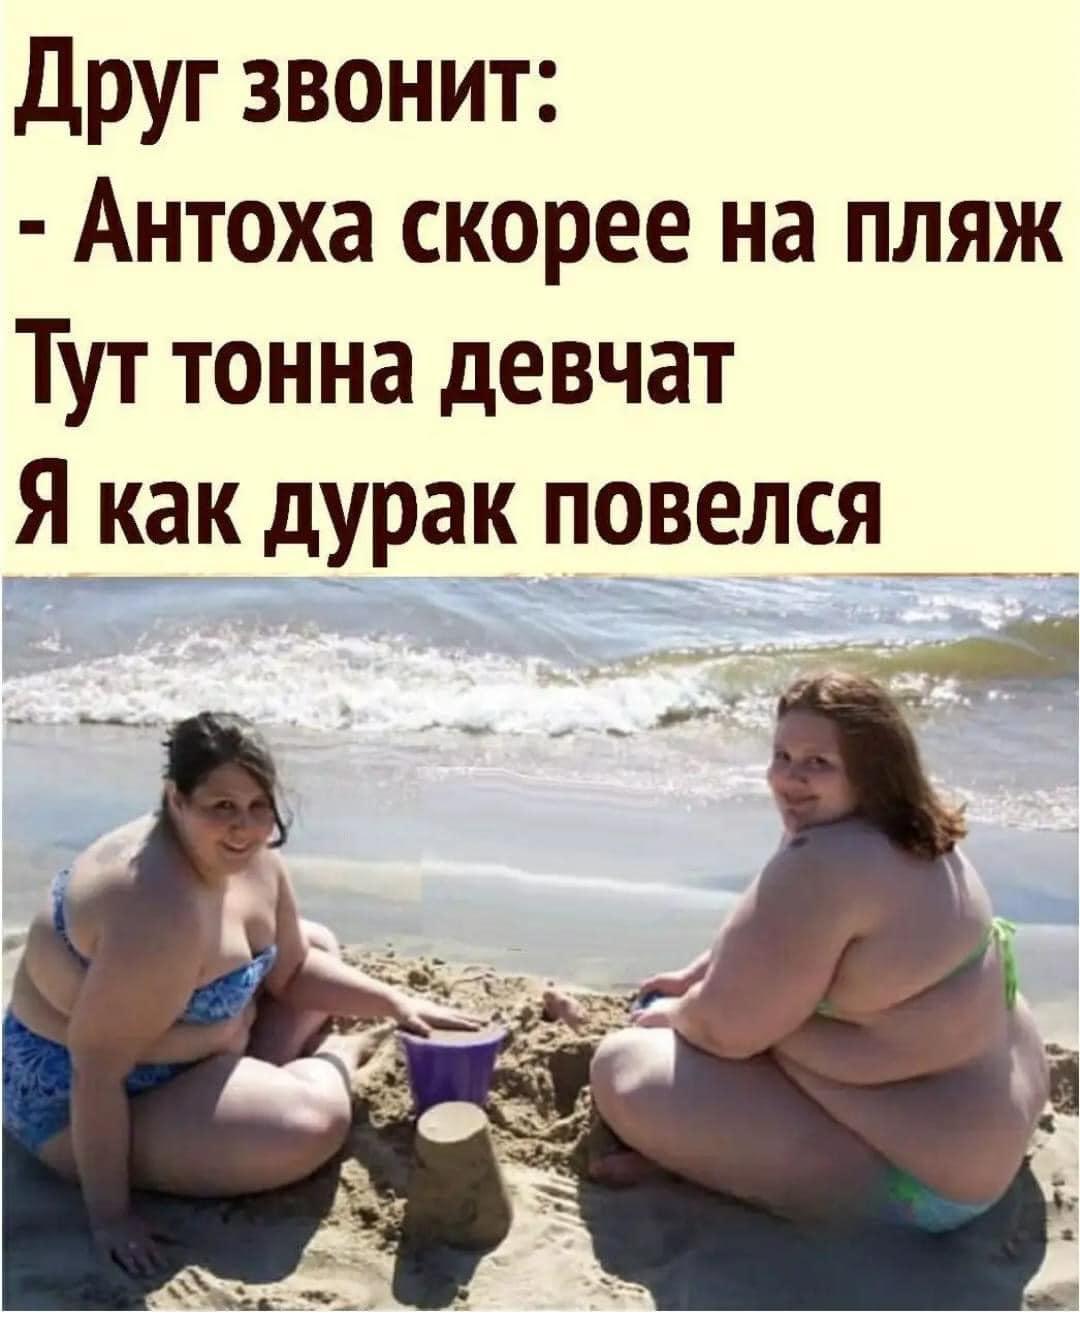 Девушка сидит на берегу моря с парнем. Вечереет... Весёлые,прикольные и забавные фотки и картинки,А так же анекдоты и приятное общение